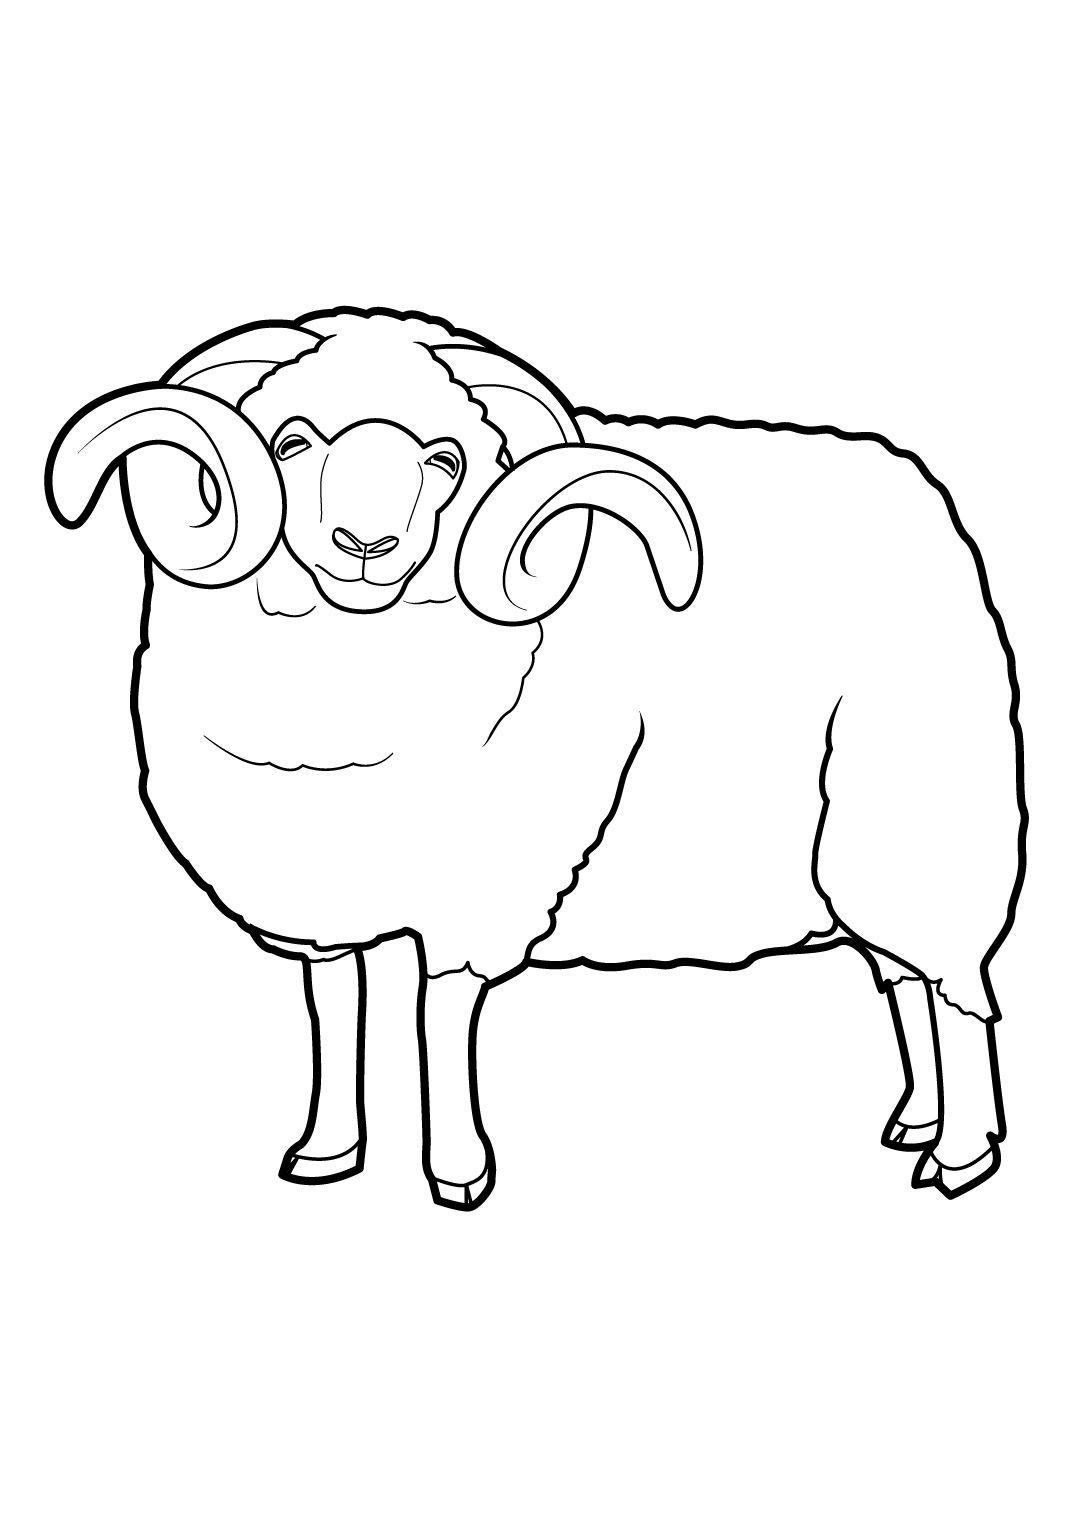 Coloriage Mouton A Imprimer 16 | Coloriage Mouton, Image concernant Photo De Mouton A Imprimer